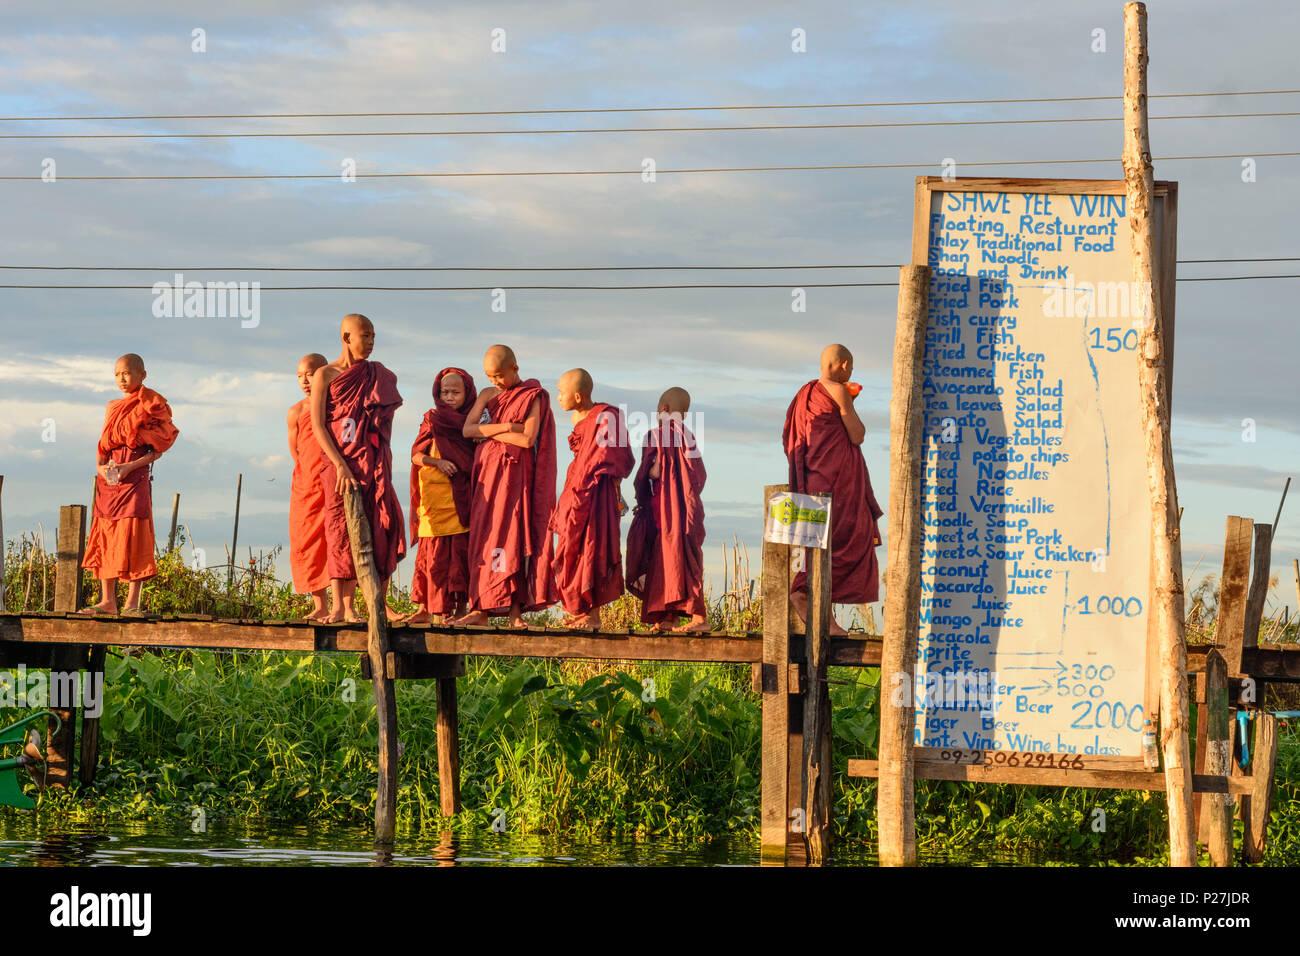 Maing Thauk, wooden bridge into Inle Lake, monks, sign for restaurent, Inle Lake, Shan State, Myanmar (Burma) - Stock Image